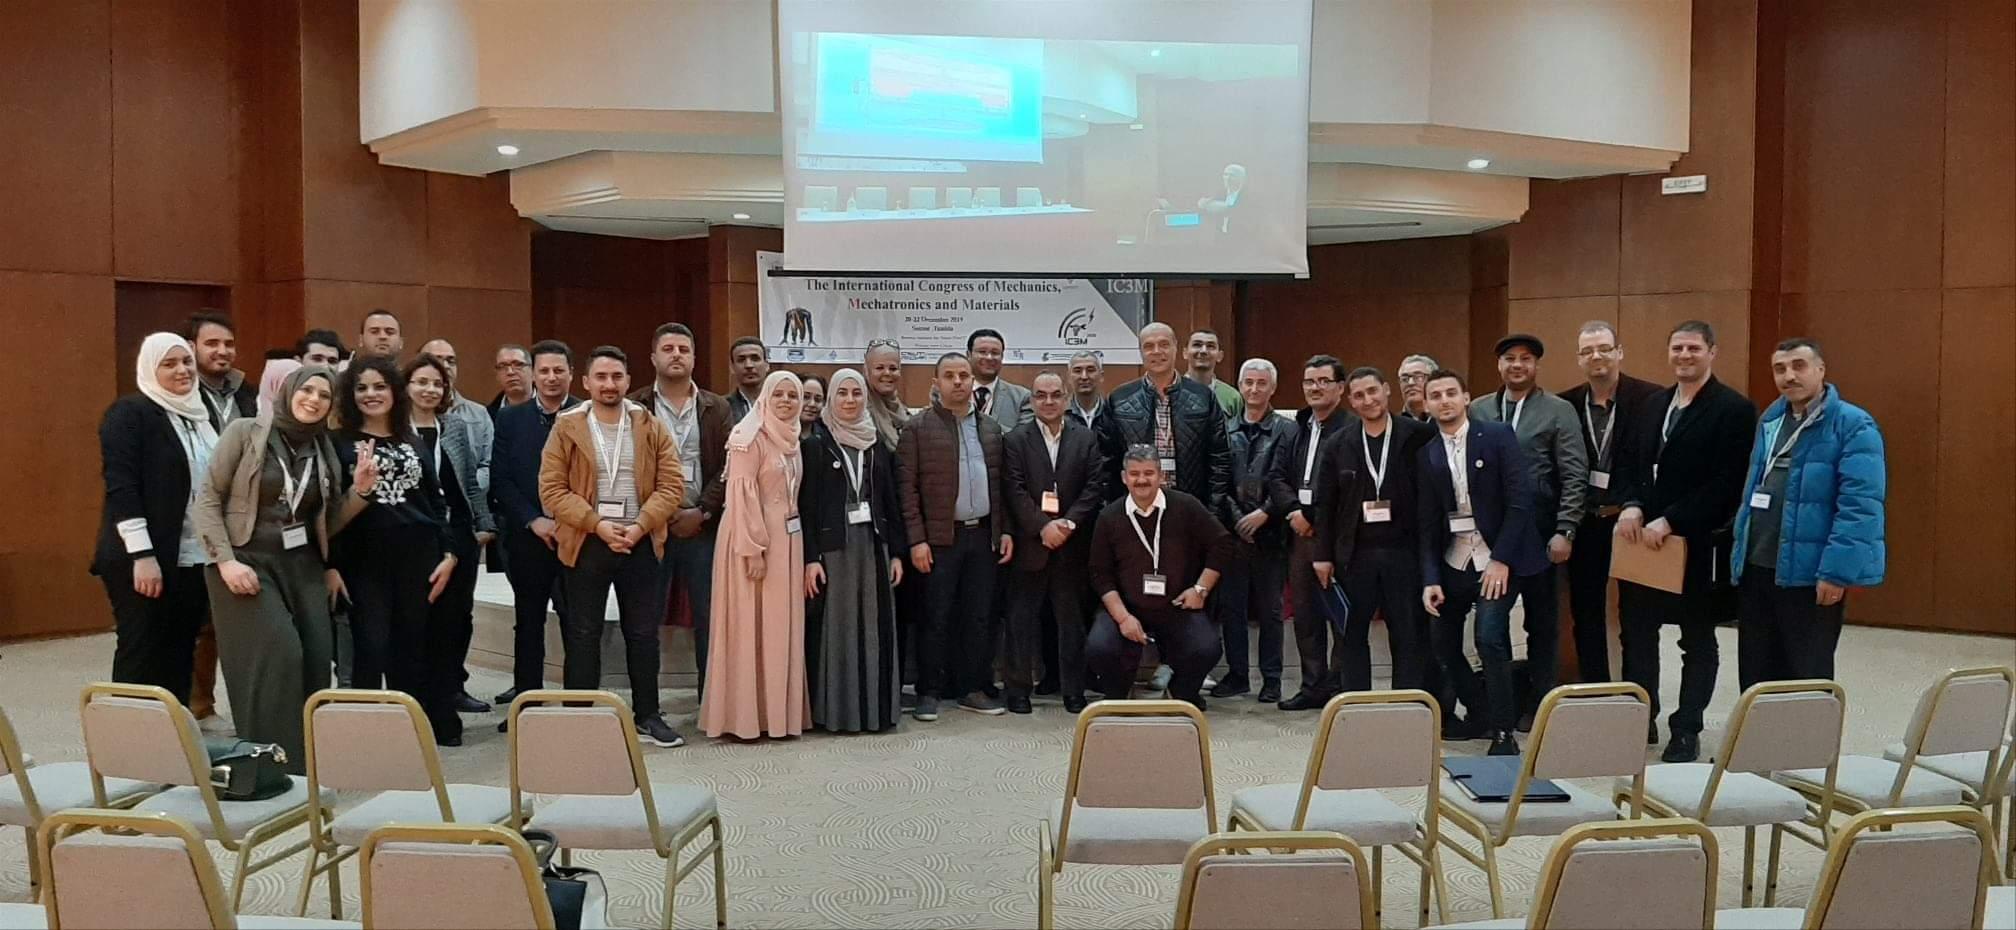 Congrès IC3M'2019 Première édition  20-22 Décembre 2019 Sousse.Tunisie